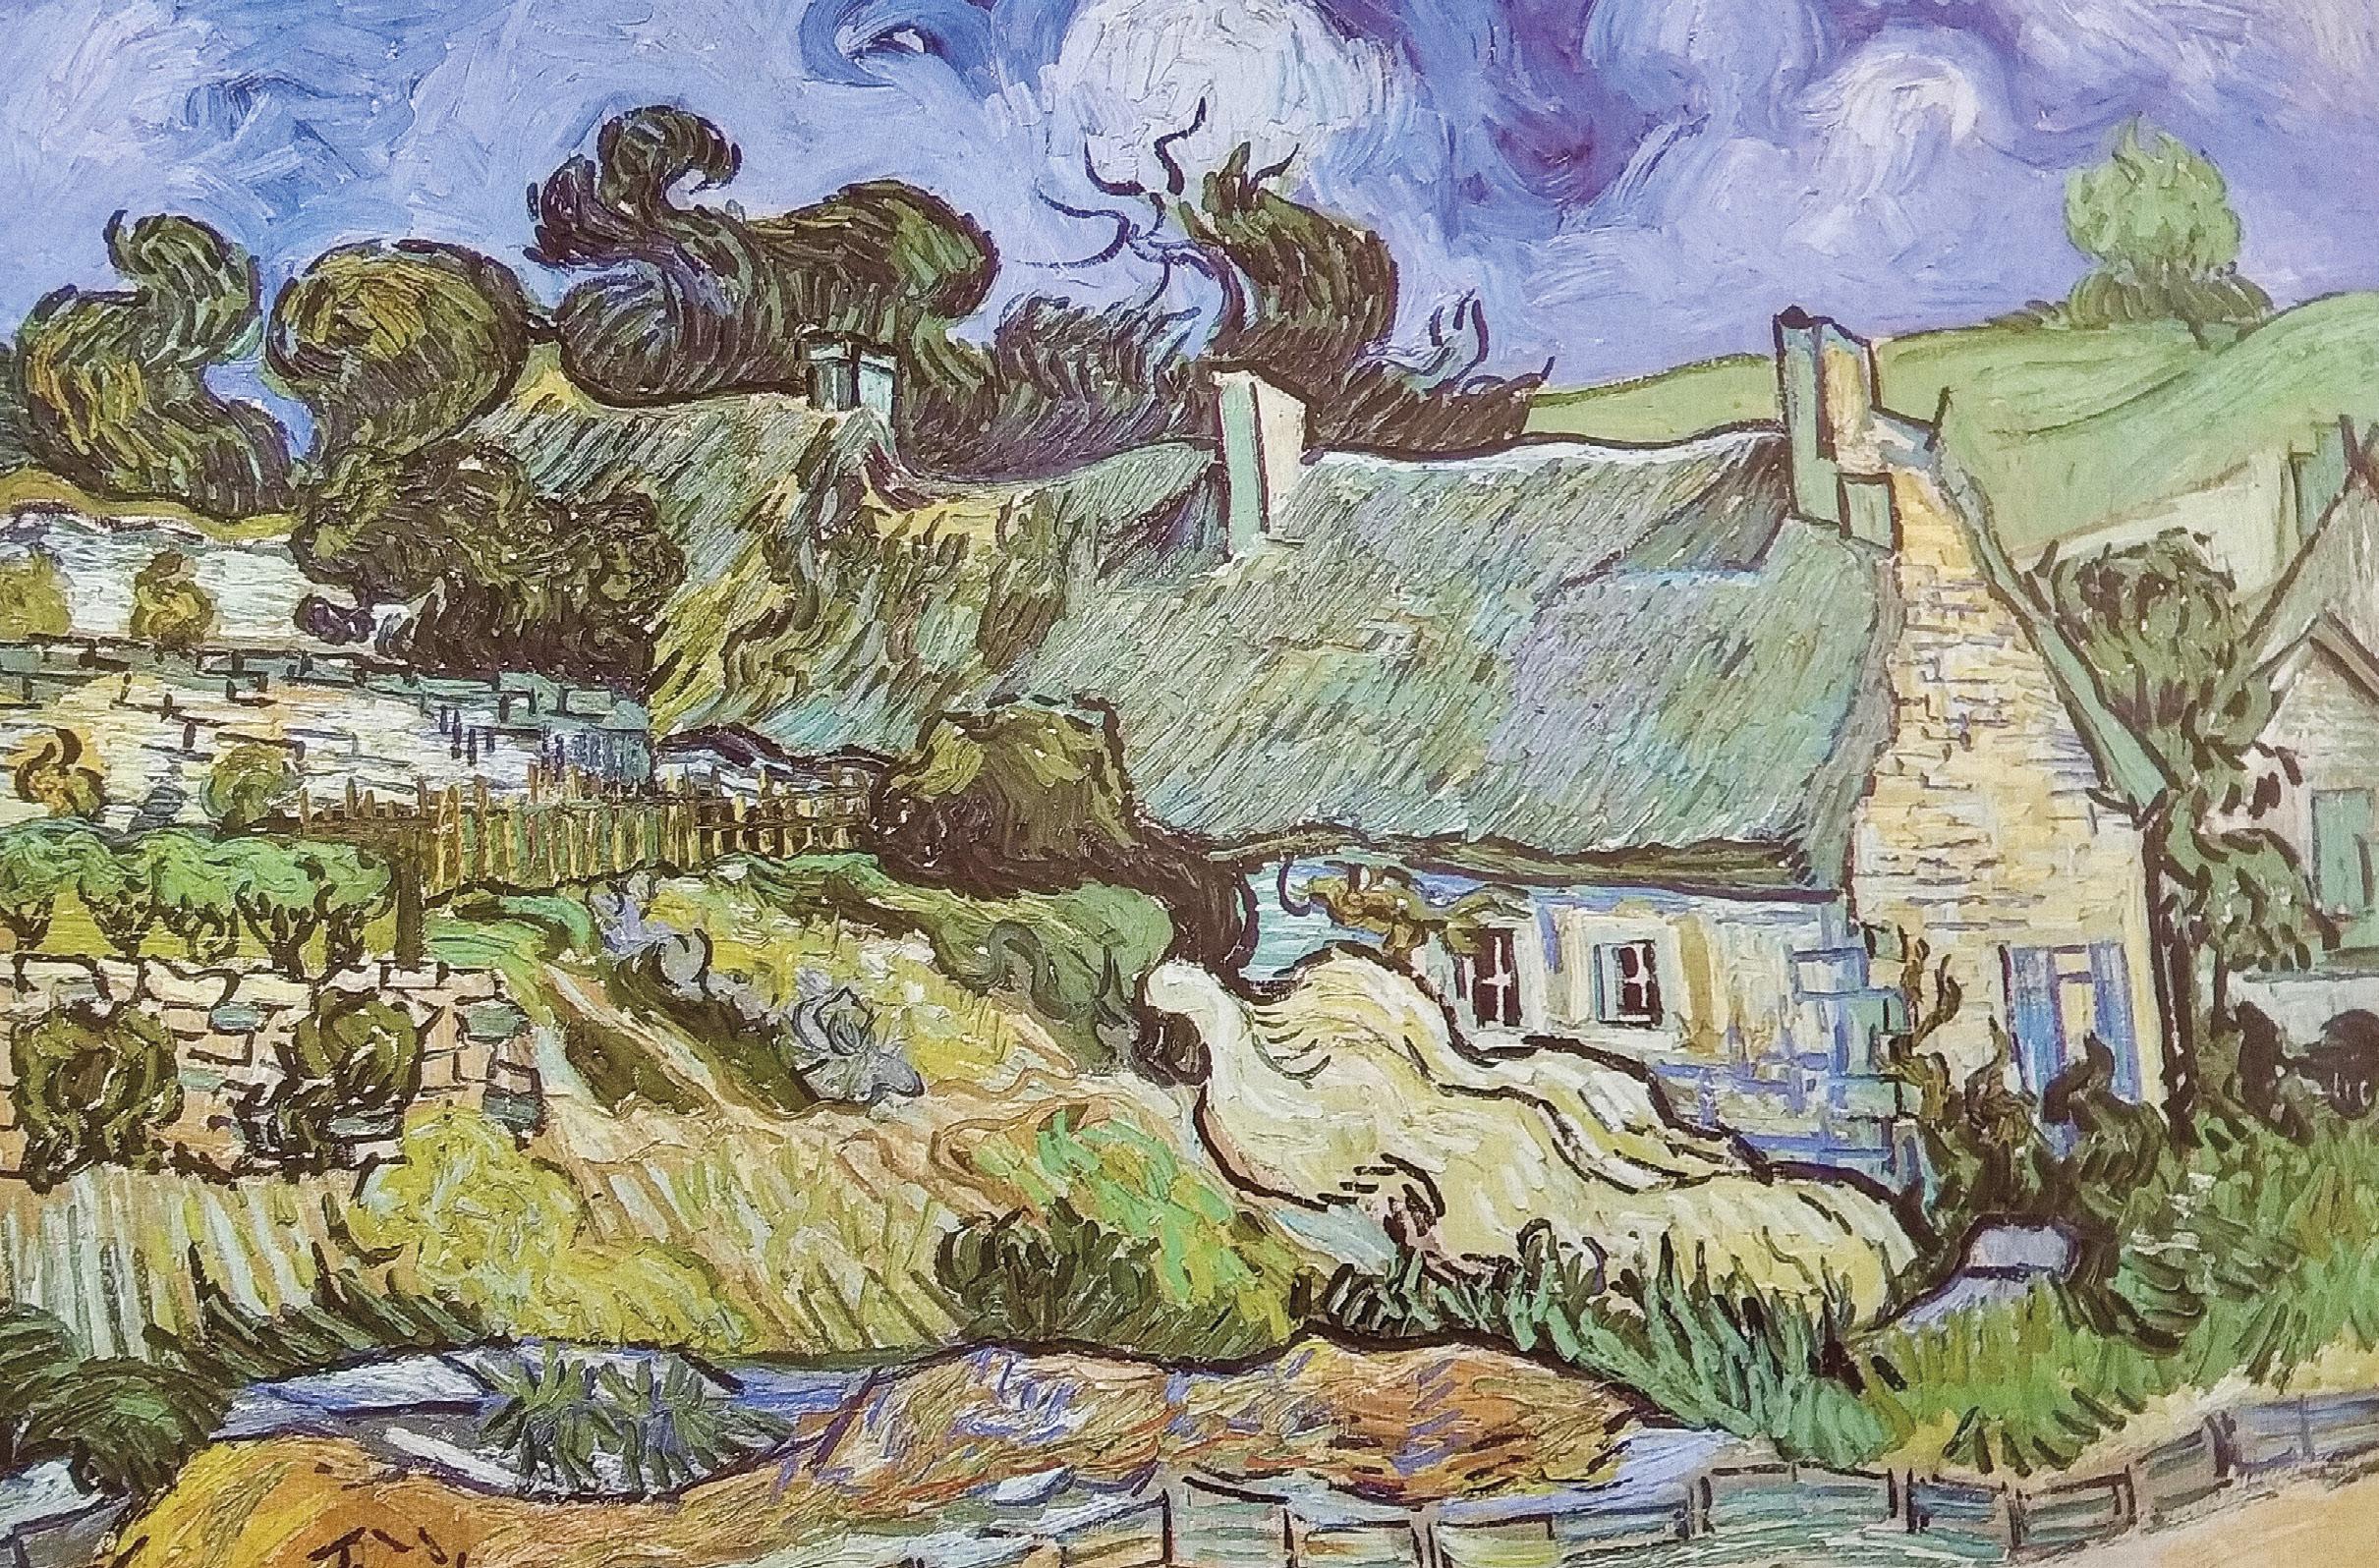 Pintura de Cézanne: na aldeia, a casa do Dr. Gachet. Em 1877 o Impressionismo. No Impressionismo, o artista pinta o que vê, o que o impressiona, não propriamente o que lá está!